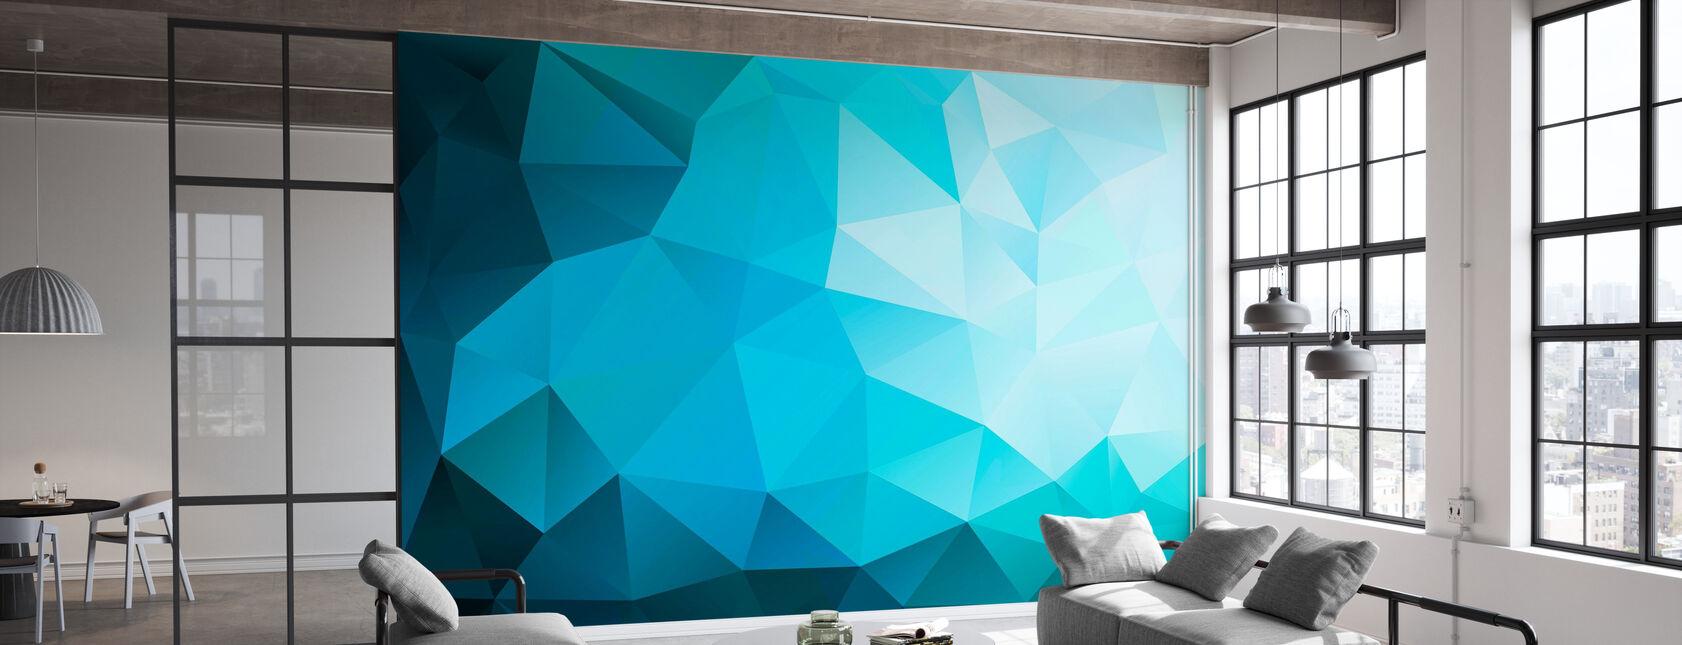 Blue Polygonal - Wallpaper - Office